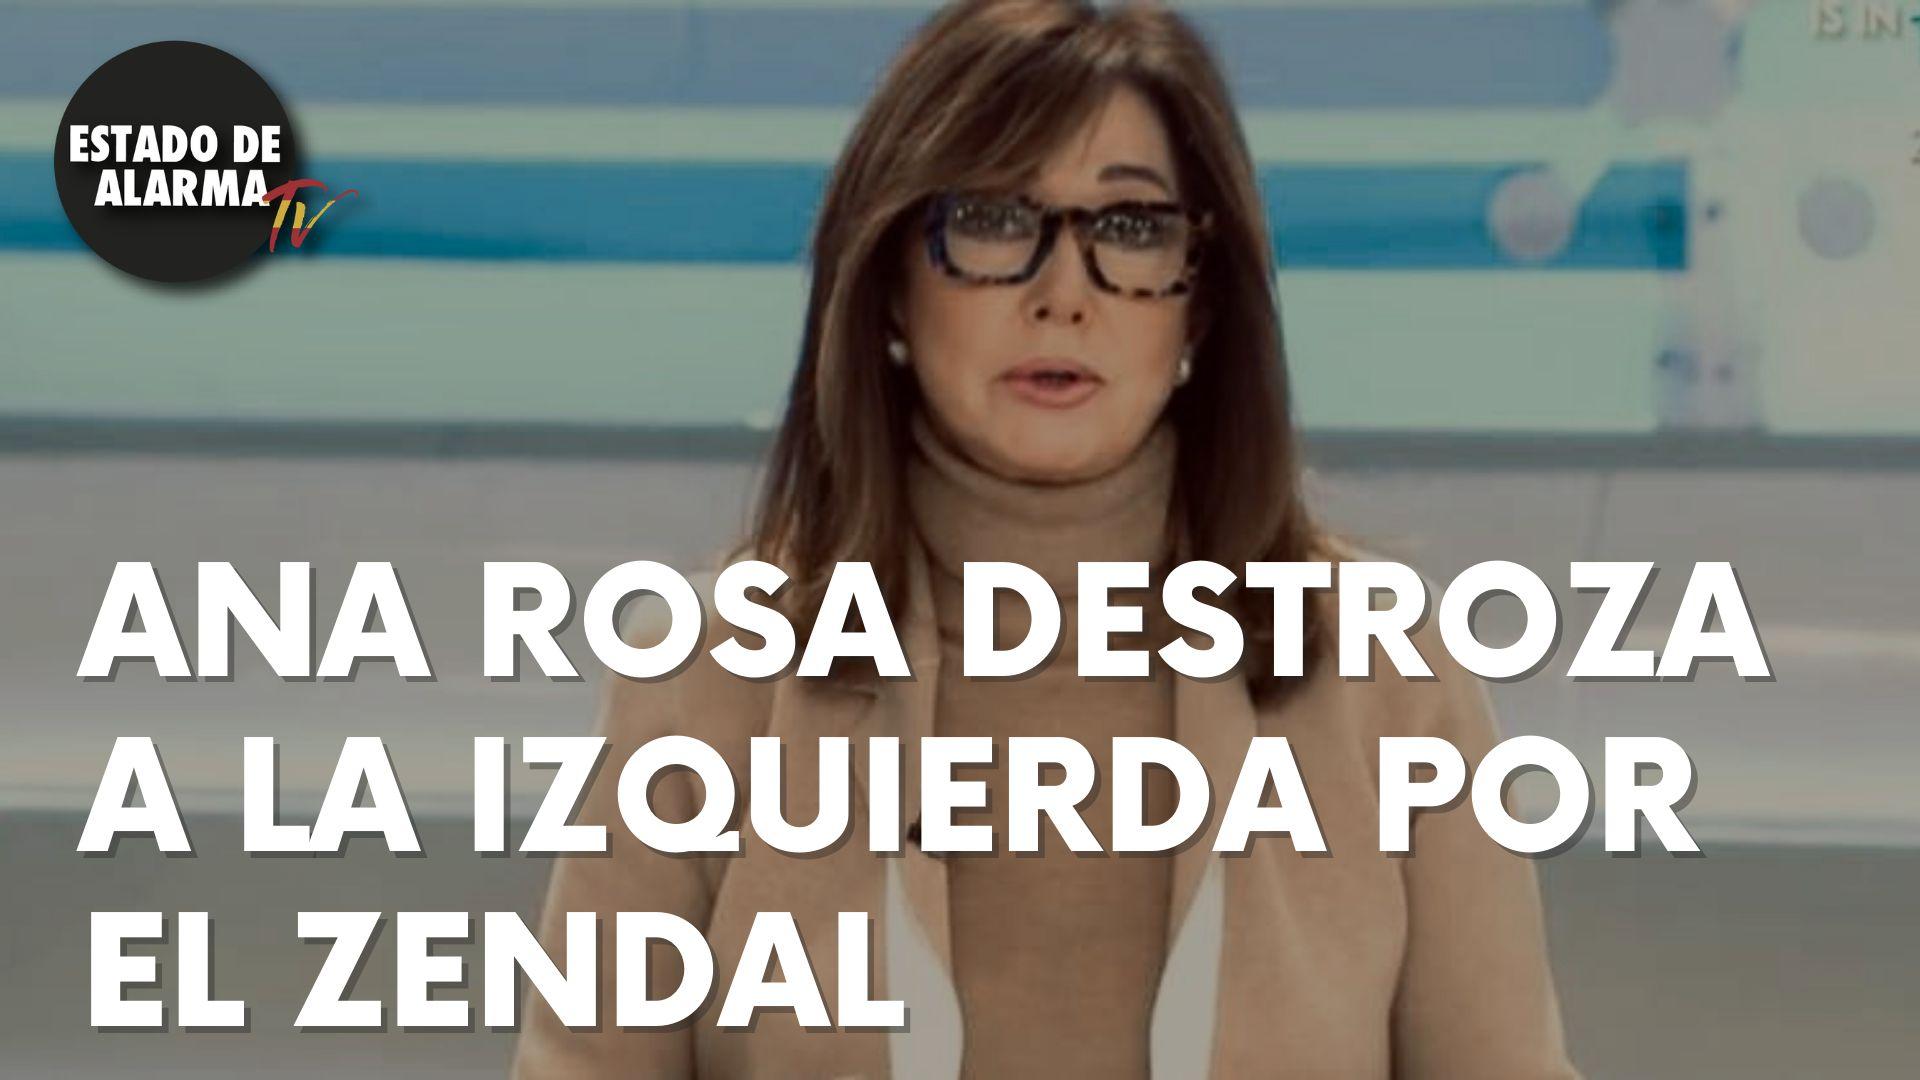 Ana Rosa destroza a la izquierda por el Zendal.